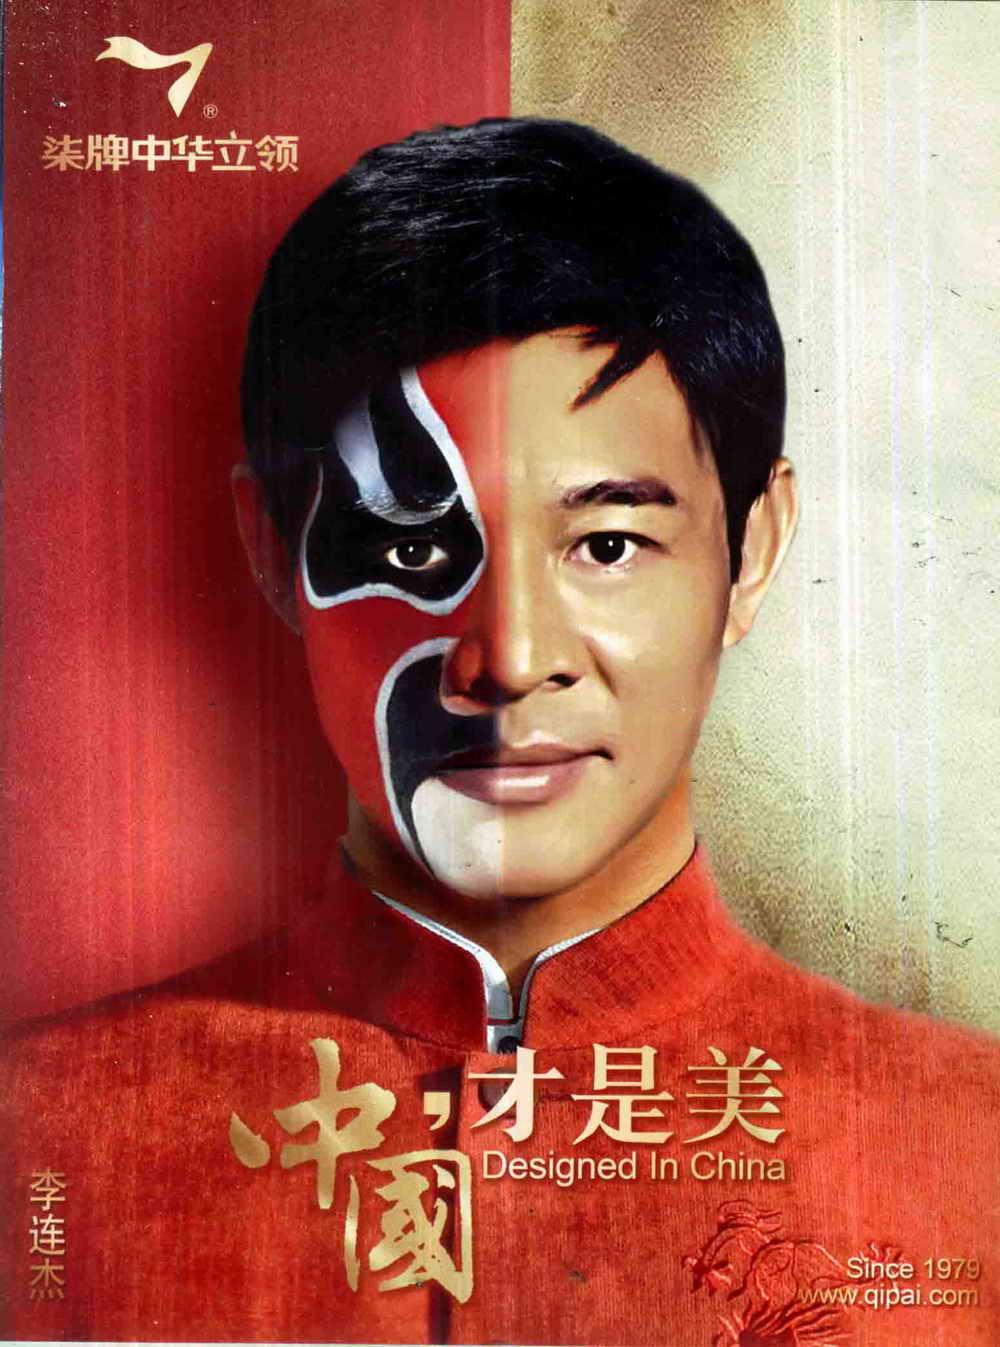 中国 广告/文件名称:柒牌   点击次数:6964   添加时间:2008/1/14 15:25:...